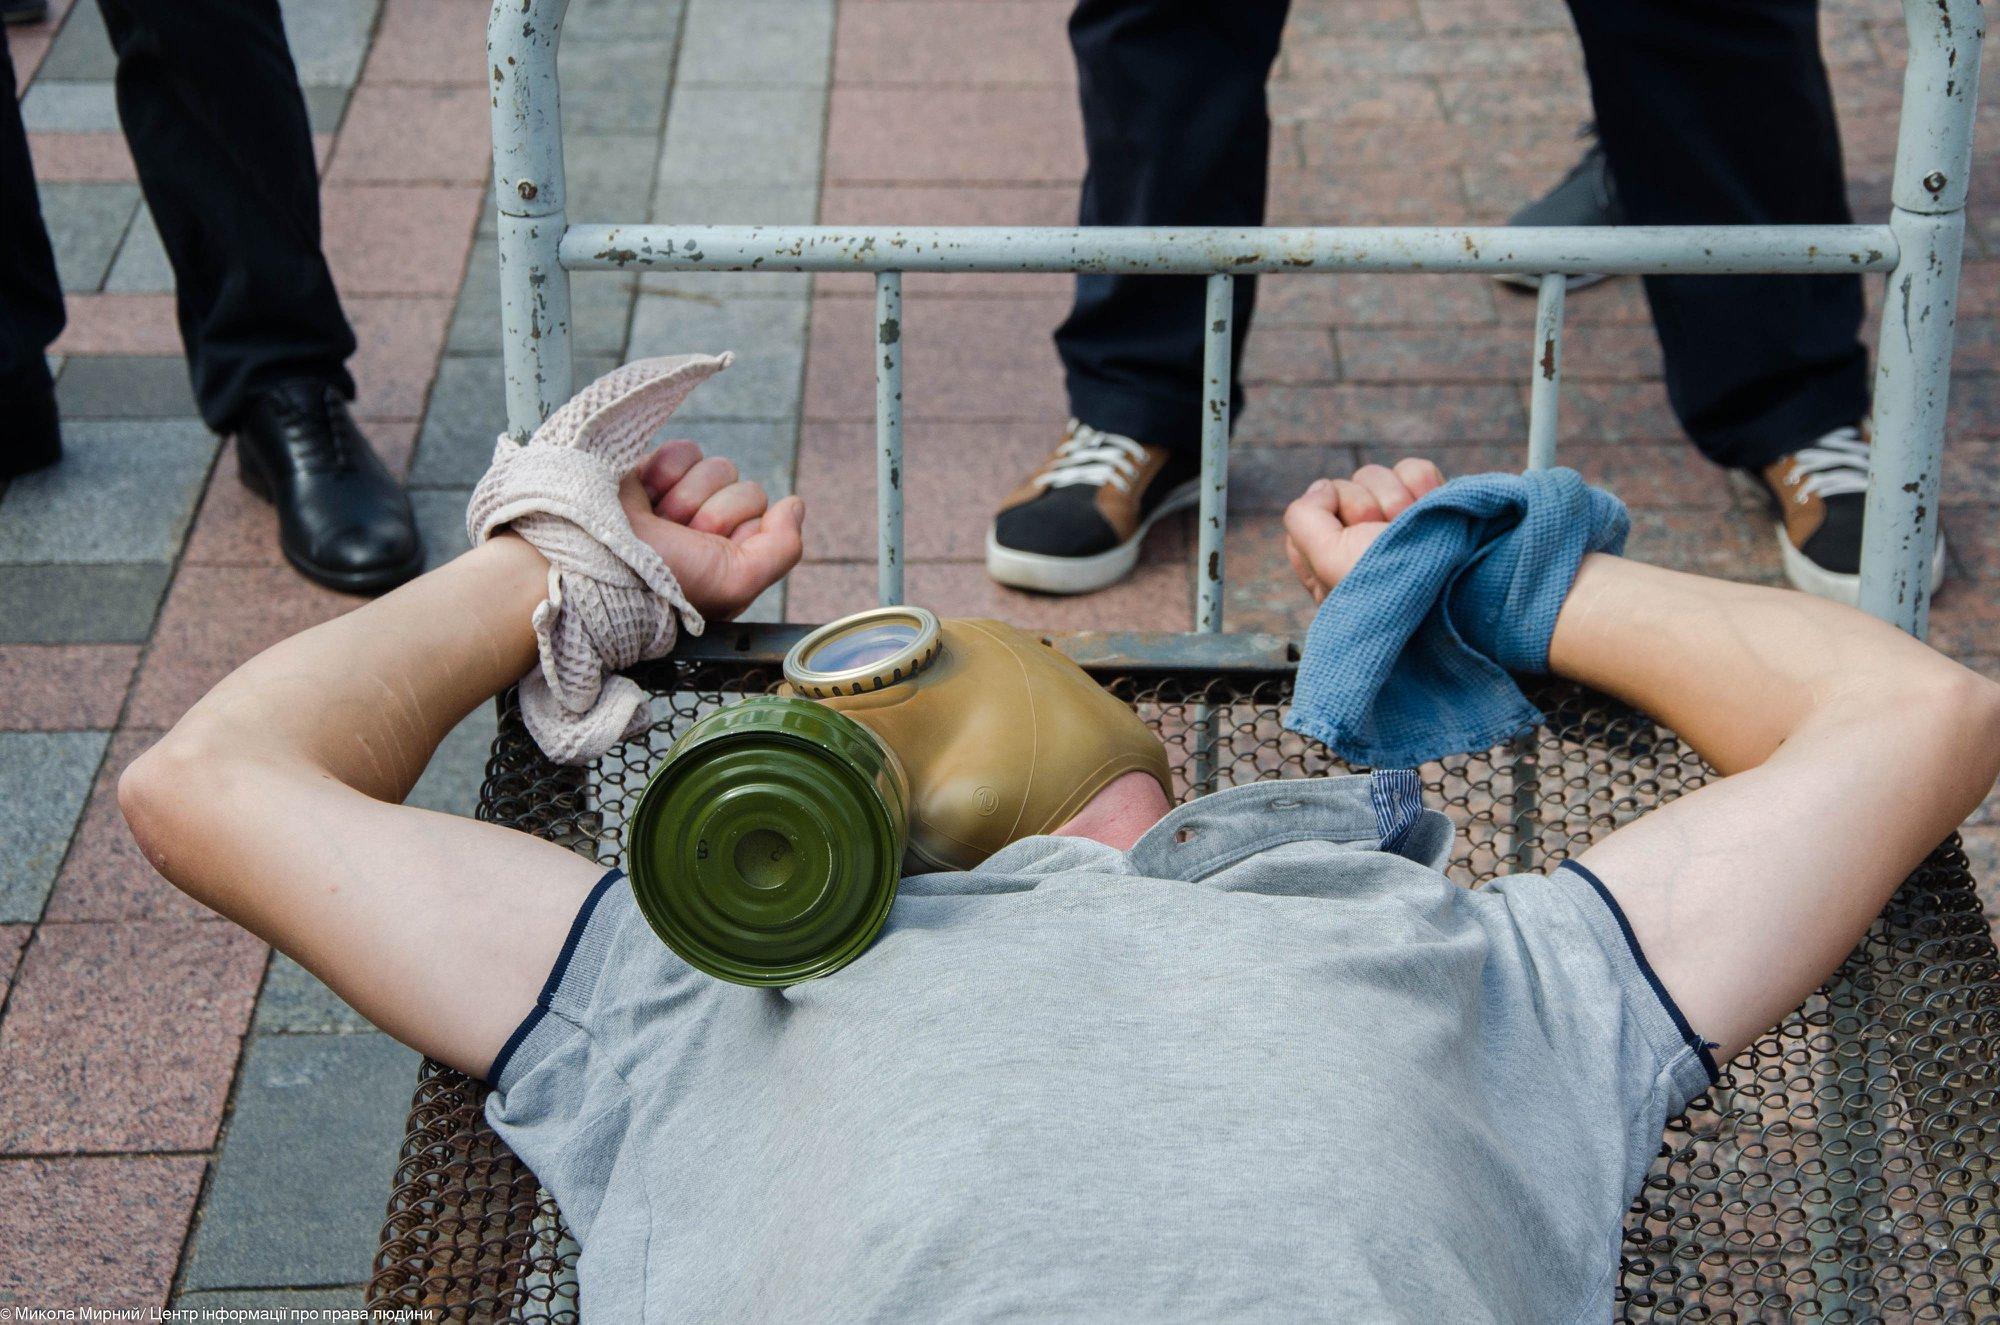 Активісти продемонстрували, чим катують громадян у місцях несвободи (фоторепортаж)